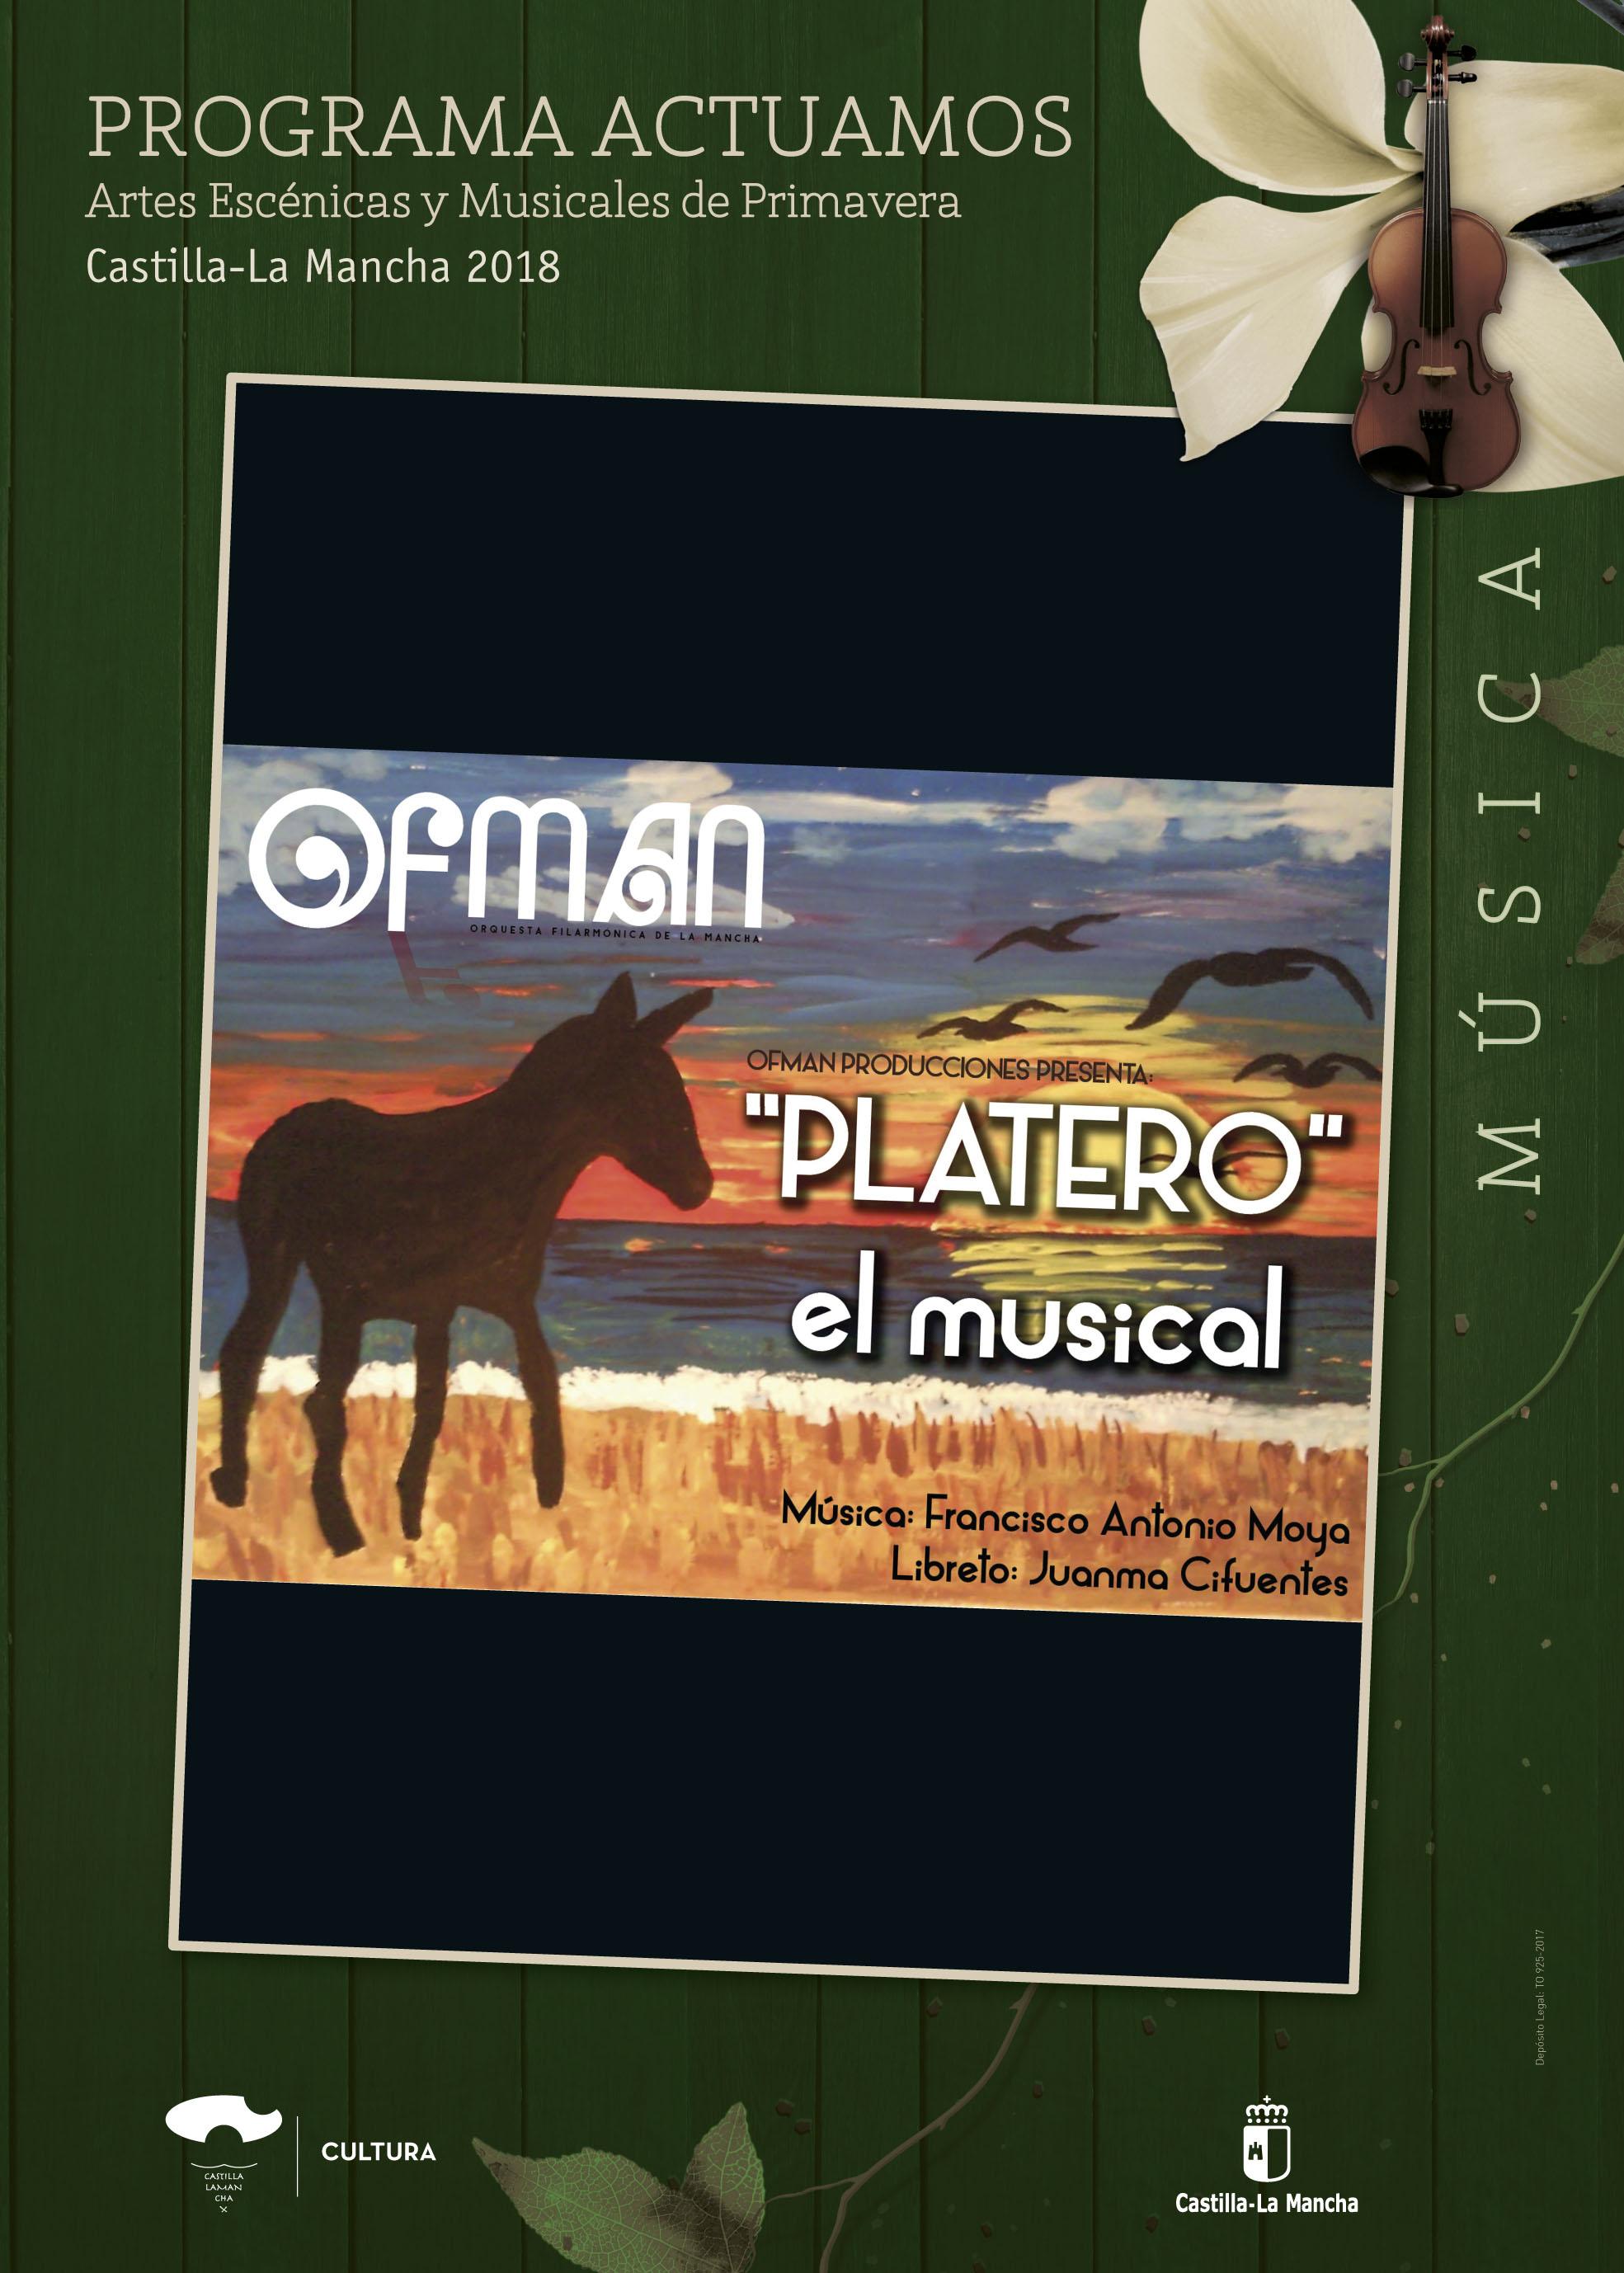 Imagen de la actividad PLATERO, EL MUSICAL (Orquesta Filarmónica de La Mancha)